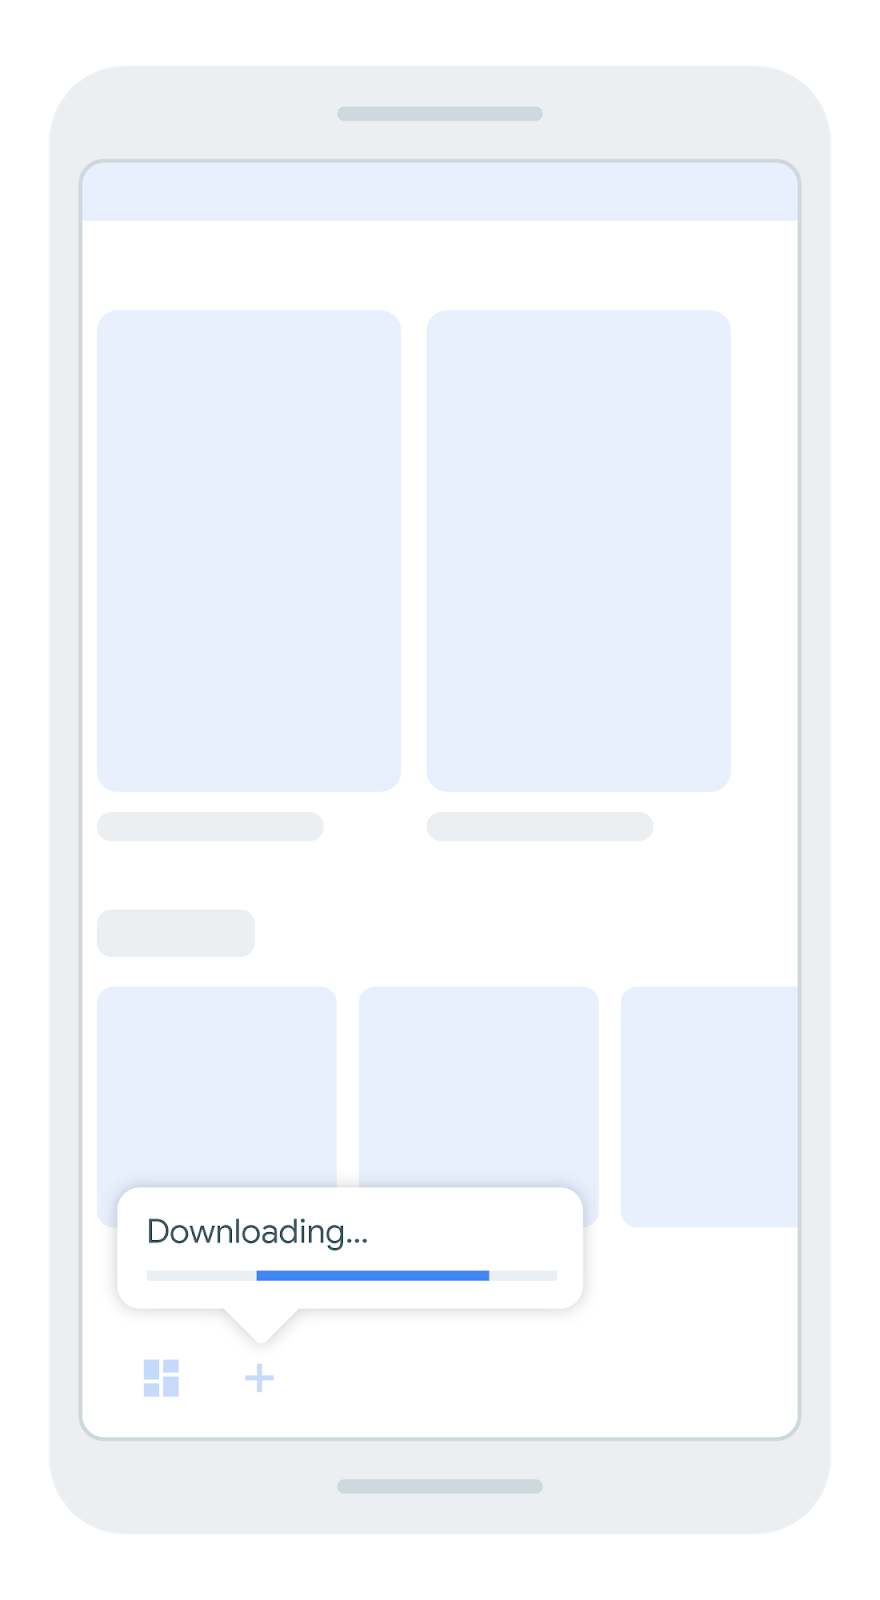 機能モジュールがダウンロード中であることを示すアイコンをボトム ナビゲーション バーに表示する画面